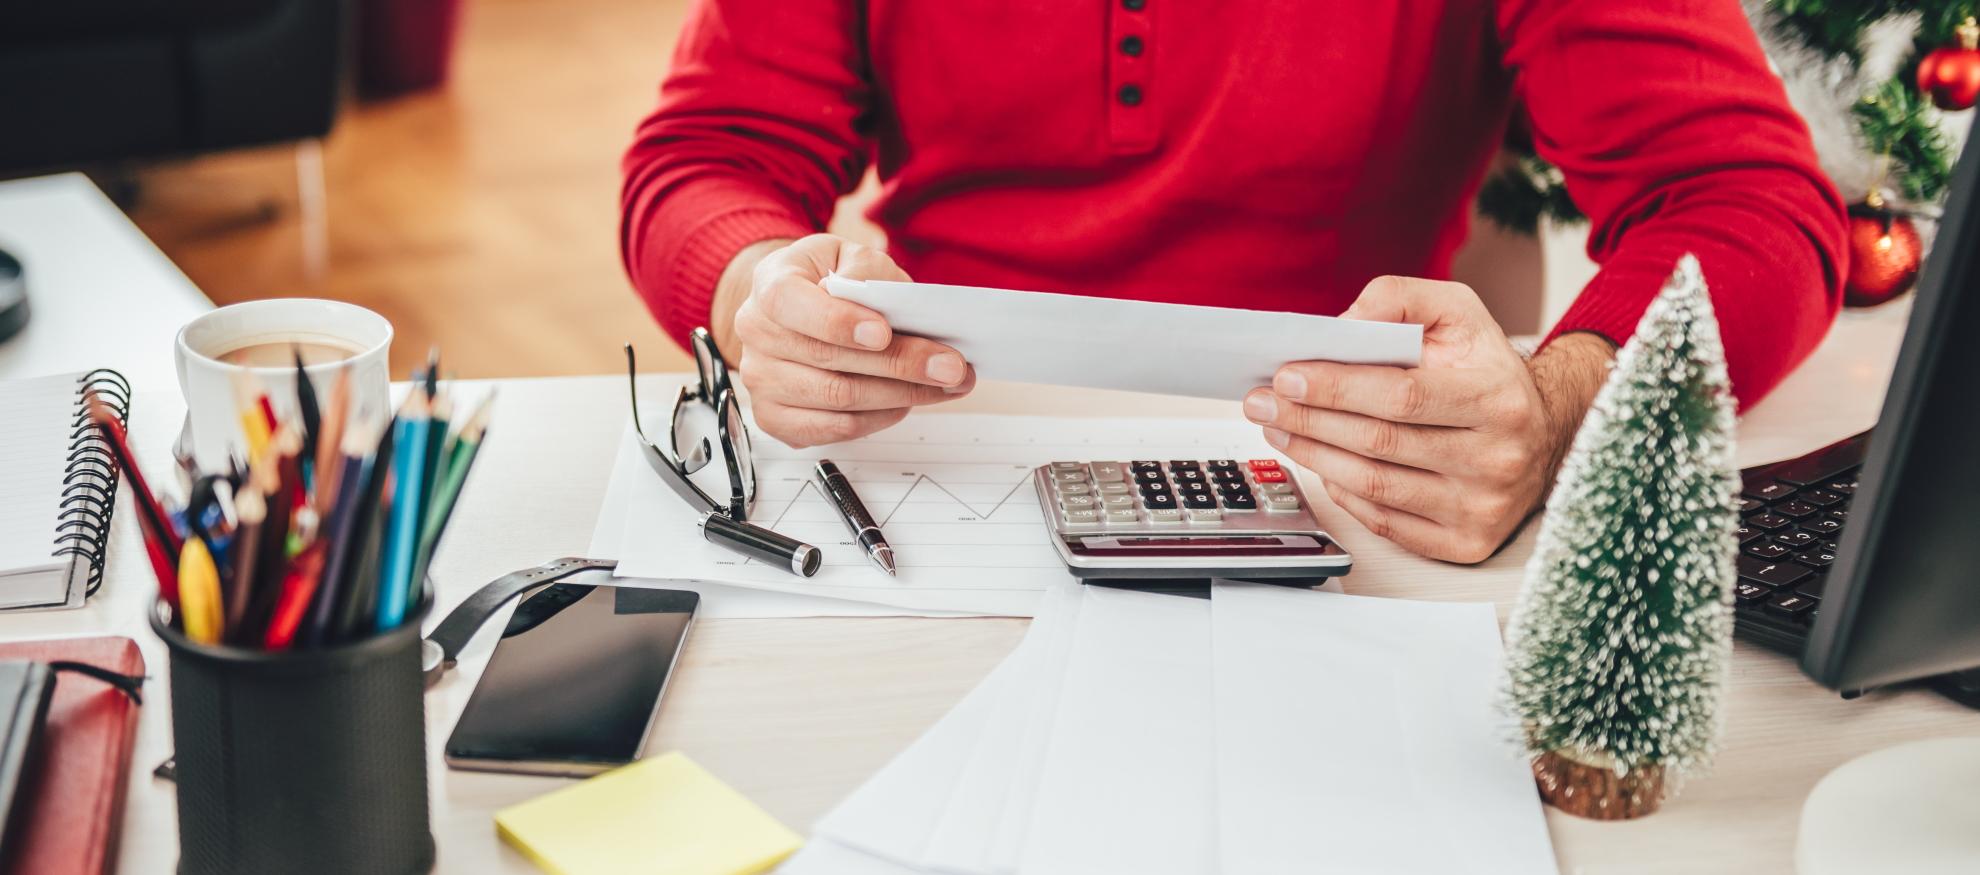 Как сэкономить до 80% бюджета и успеть решить задачи до Нового года